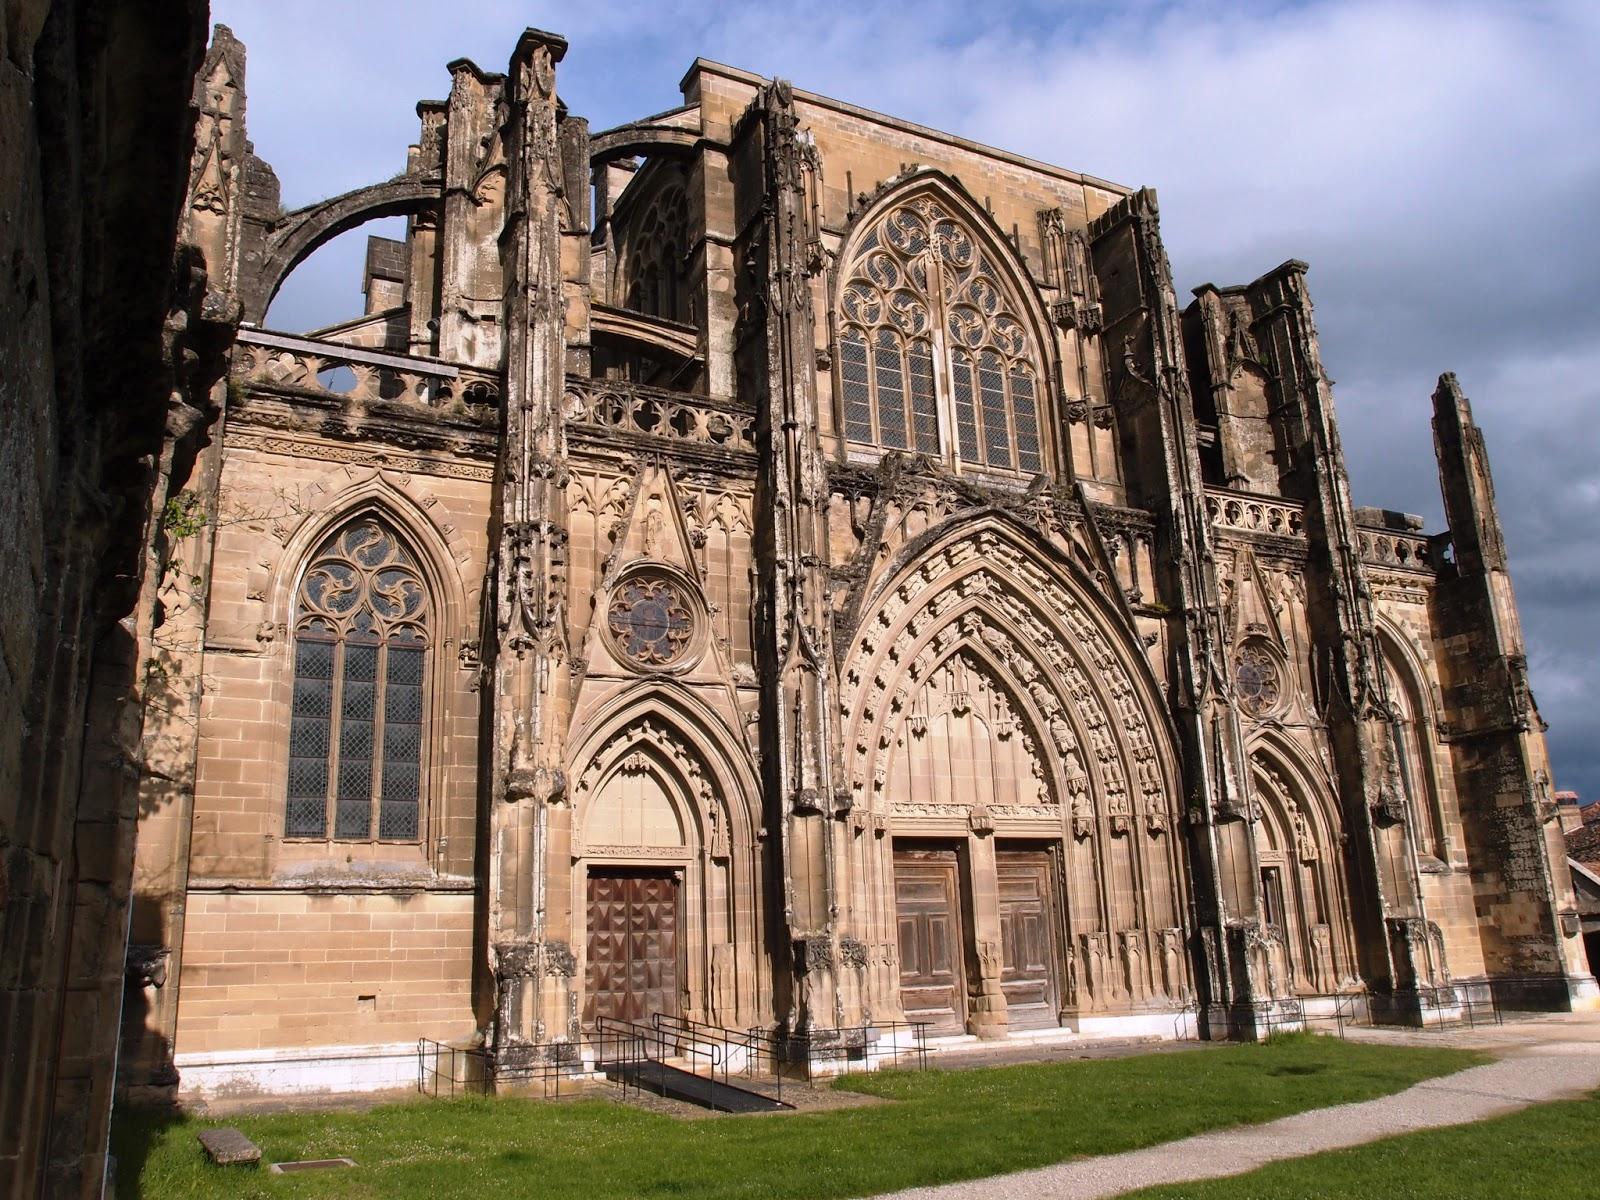 Le dictambule g te d 39 h tes saint antoine l 39 abbaye un des plus beaux villages de france - Office de tourisme saint antoine l abbaye ...